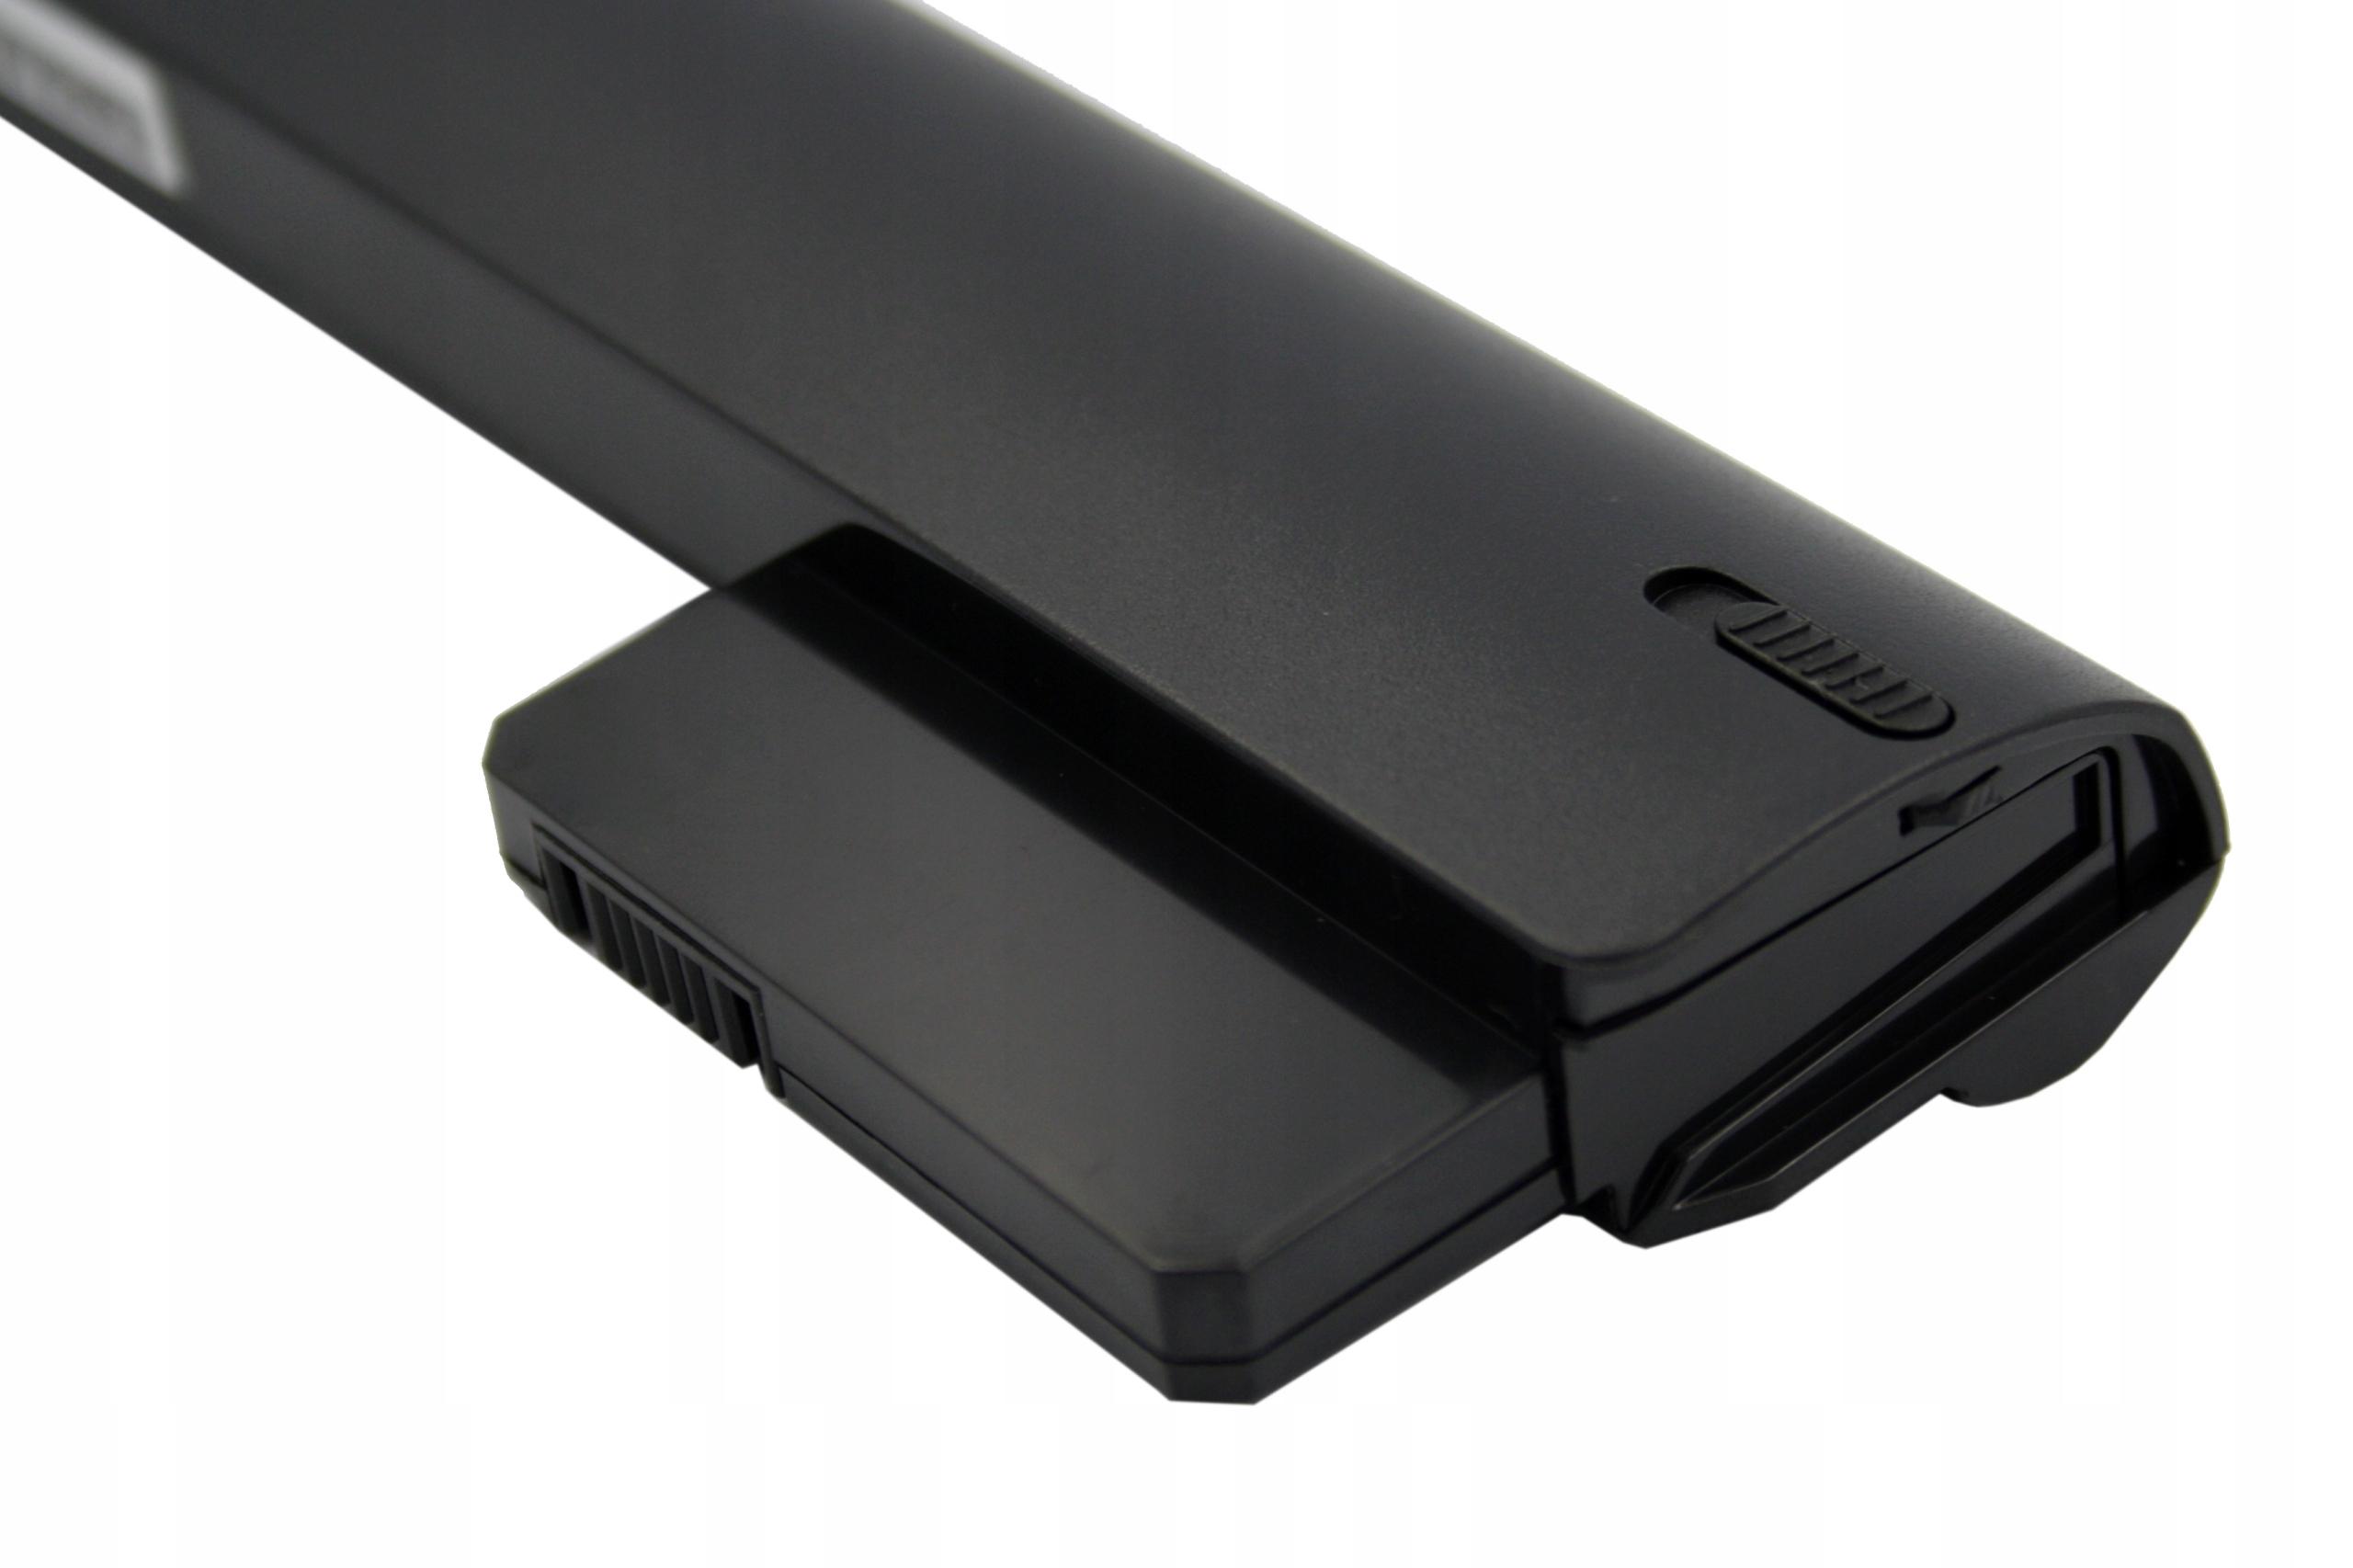 BATERIA AKUMULATOR HP MINI 110-3000 COMPAQ CQ10-400 CQ10-500 - Baterie do laptopów